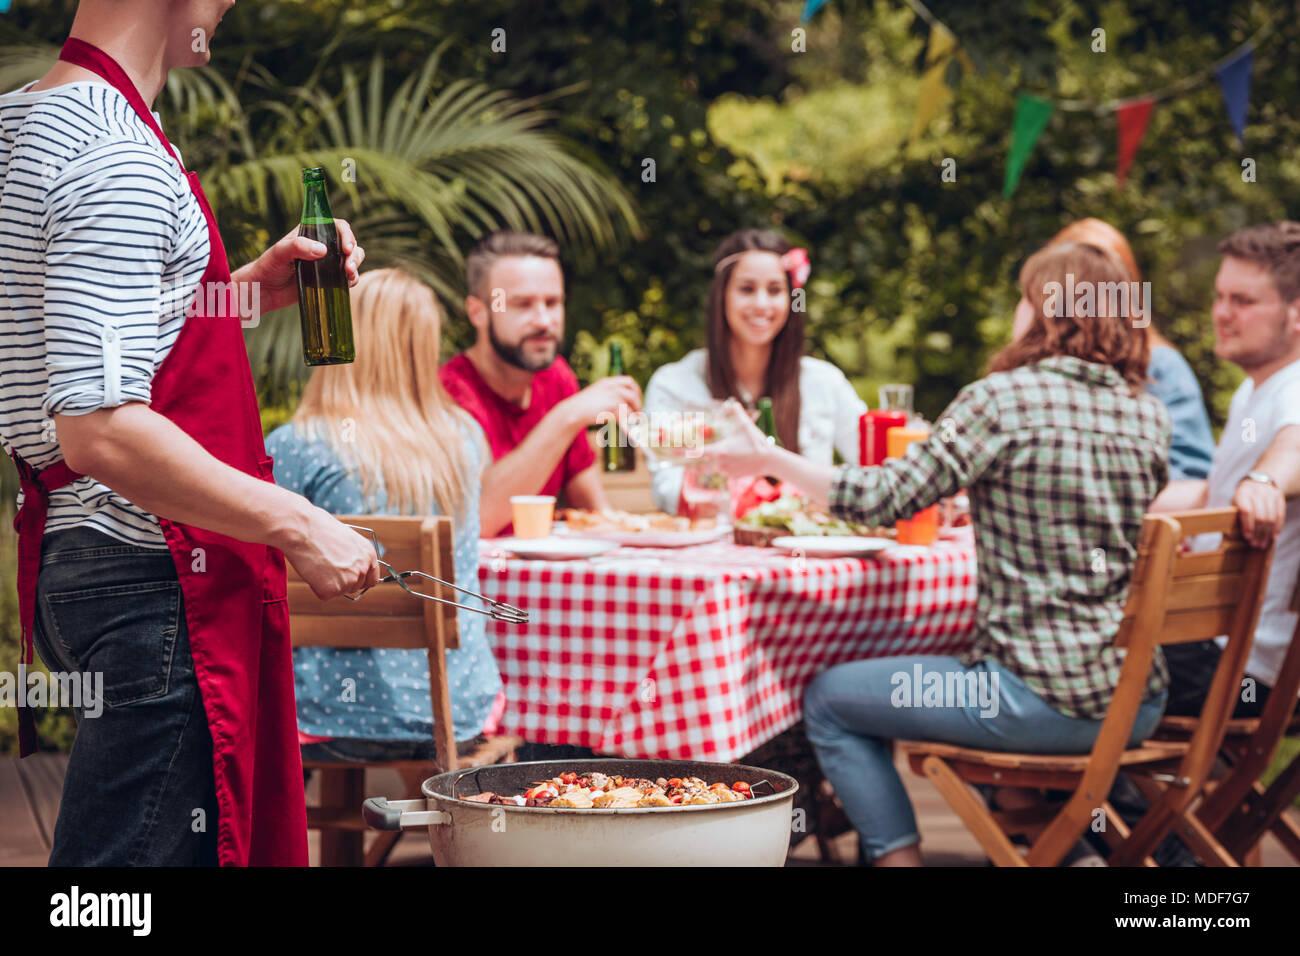 Mann in eine Schürze grillen und Bier trinken, während seine Freunde Essen an einem Tisch im Garten Stockbild